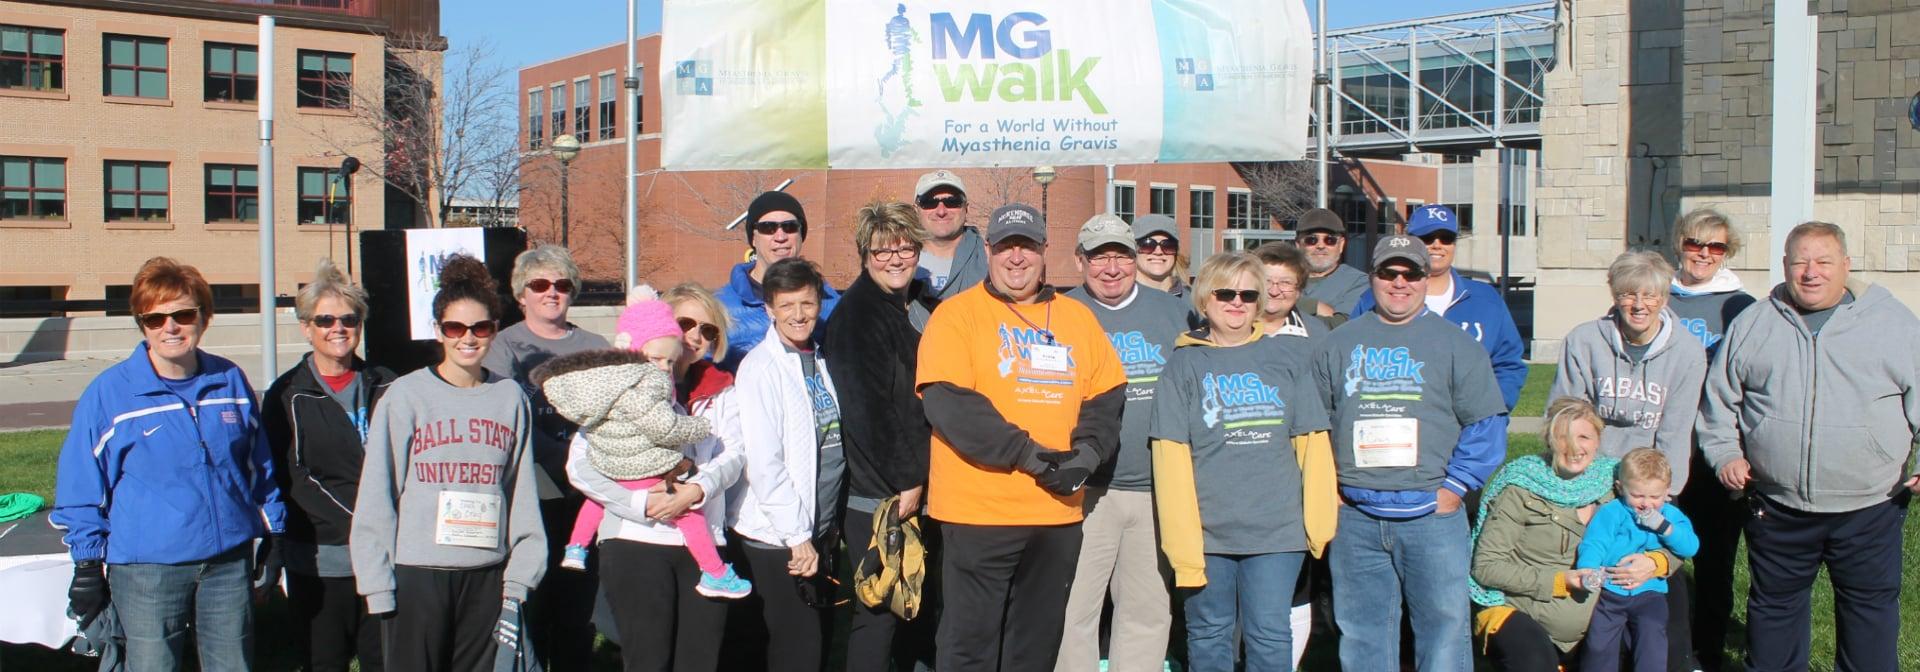 Indiana MG Walk